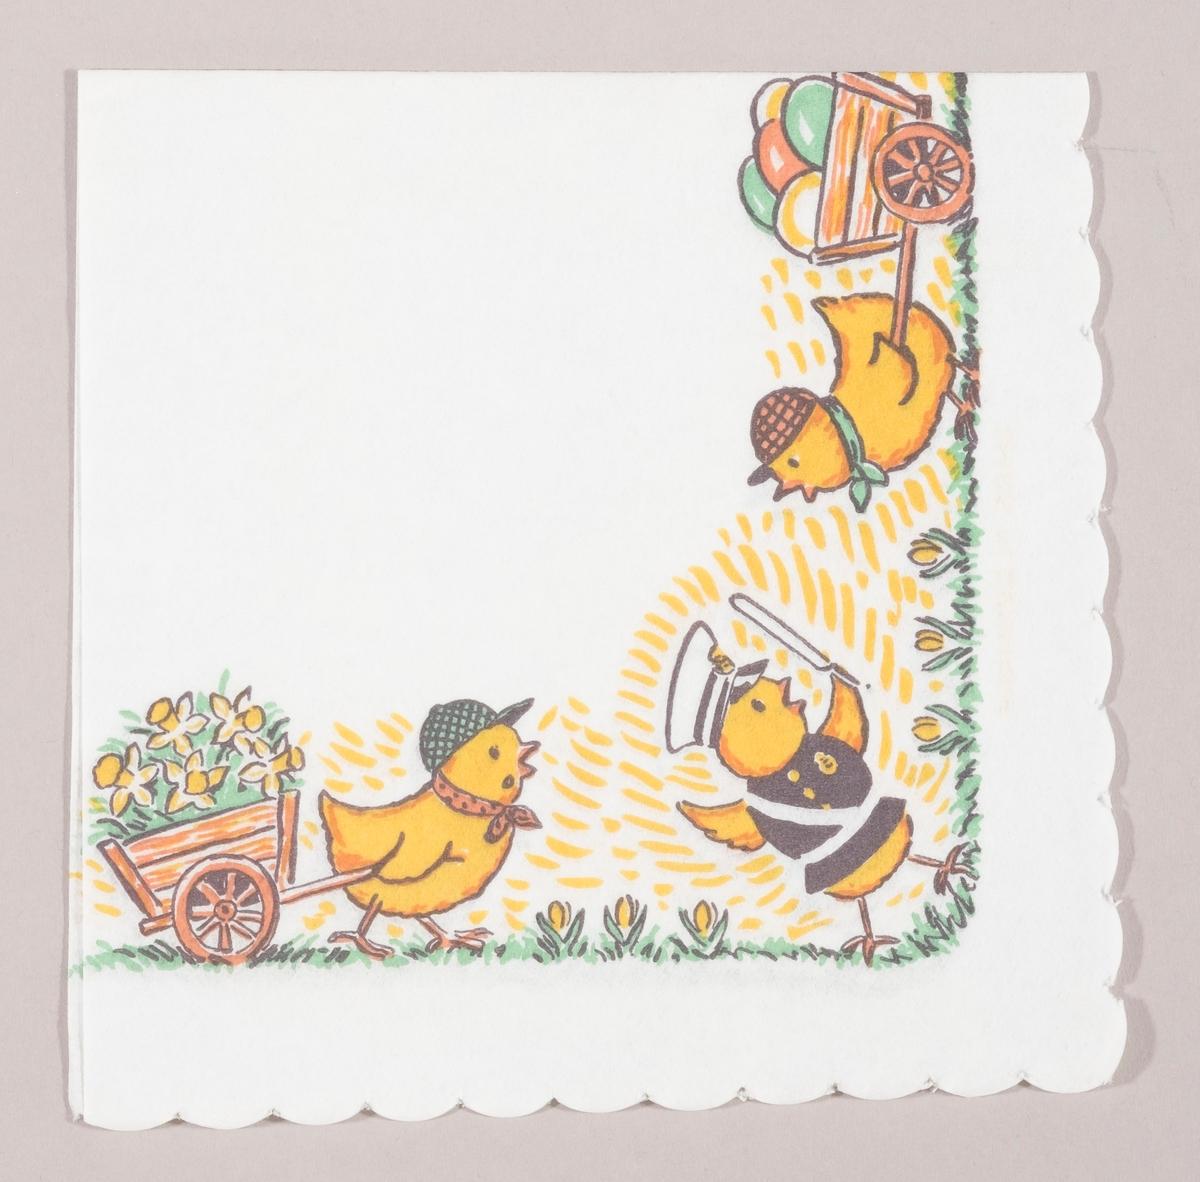 En kylling i politiuniform dirigerer trafikken av to kyllinger med trekkvogner med påskeliljer og påskeegg. En grønn gressplen med gule vårblomster.